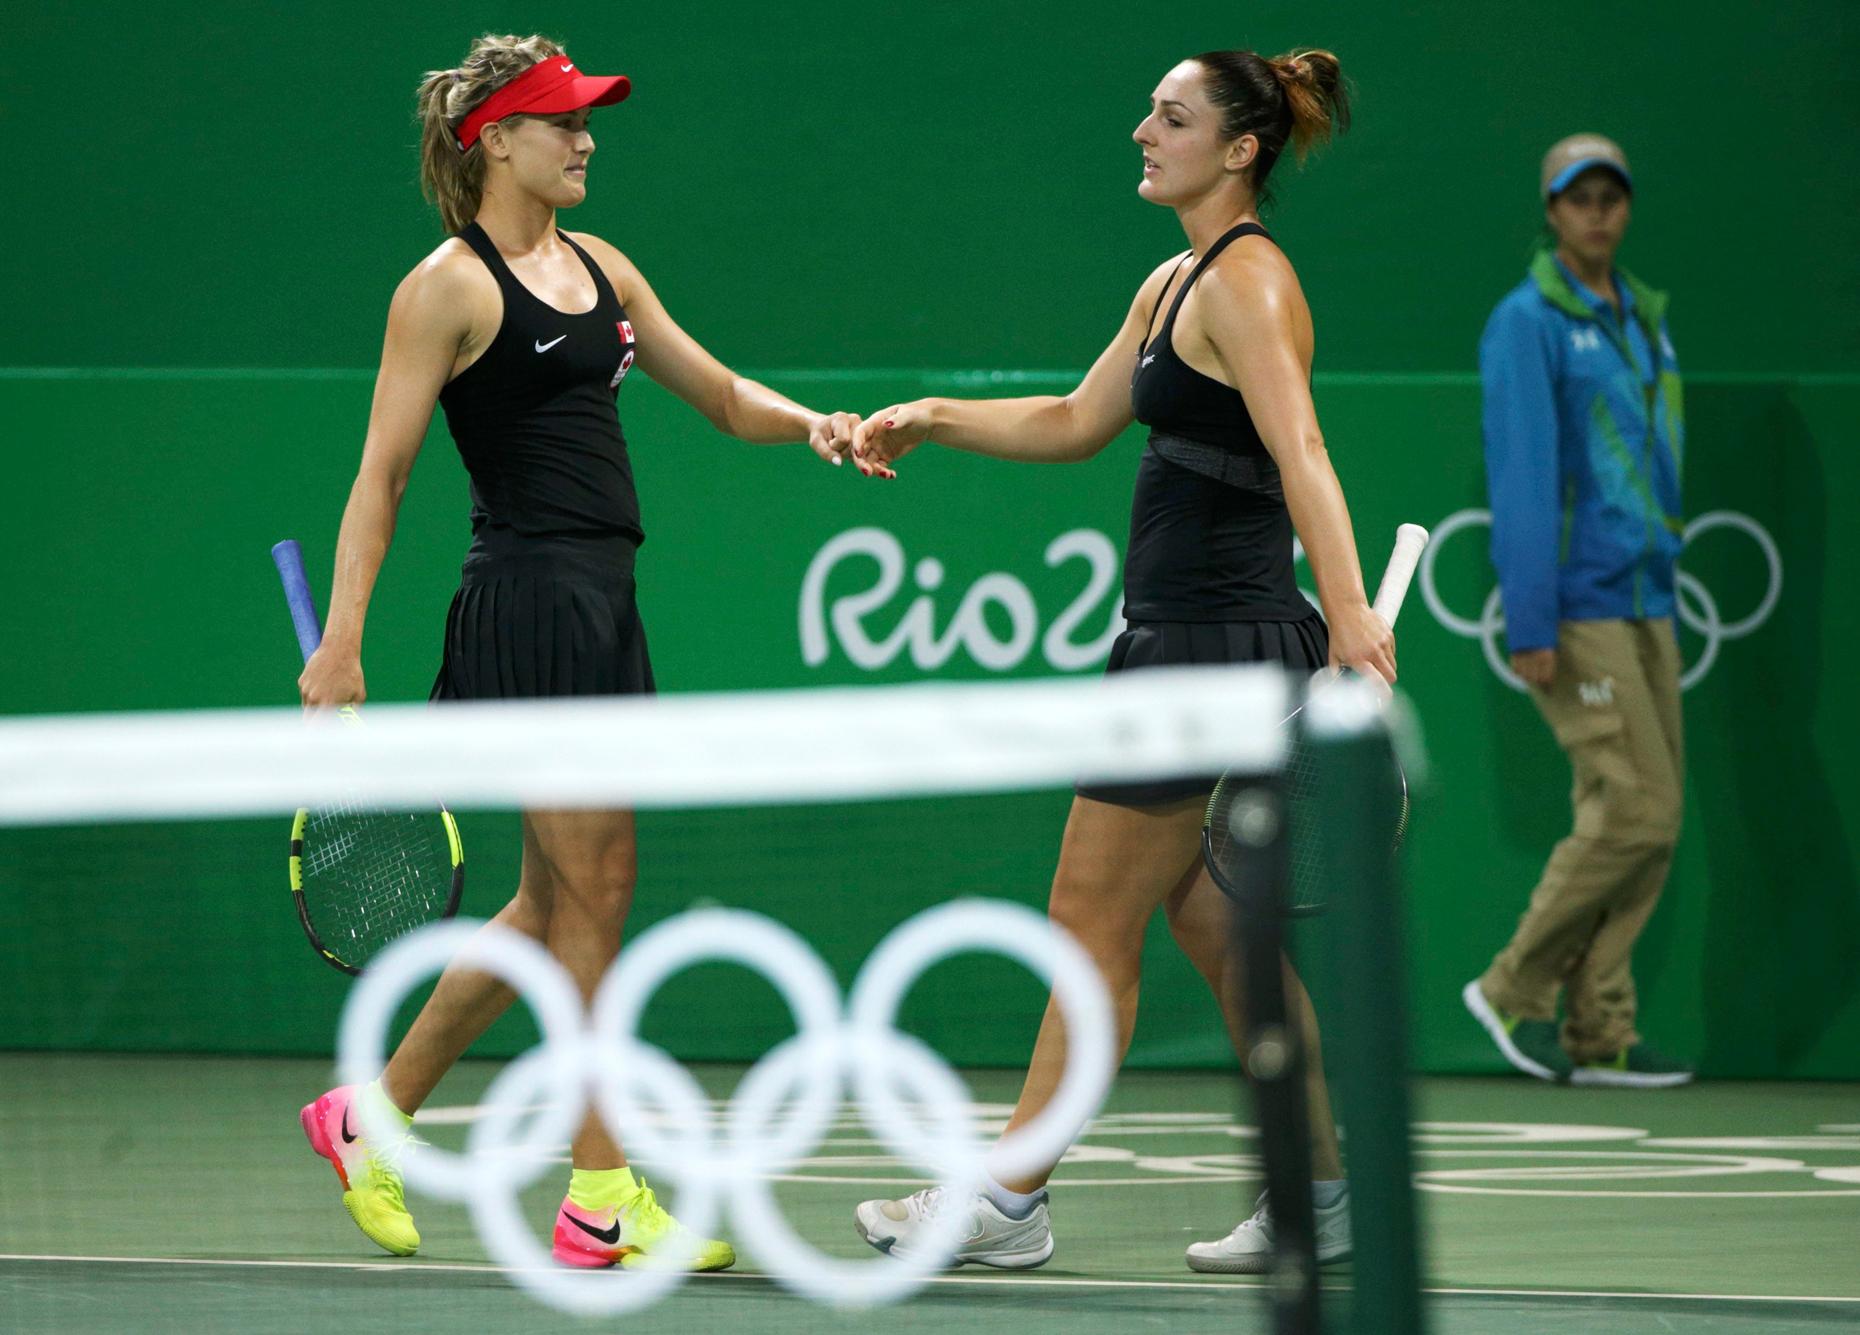 Eugenie Bouchard (à gauche) et Gabriela Dabrowski (à droite) ont accédé au second tour du tournoi de tennis en double en l'emportant sur les Polonaises Klaudia Jansignacik et Paula Kania, le 7 août à Rio.